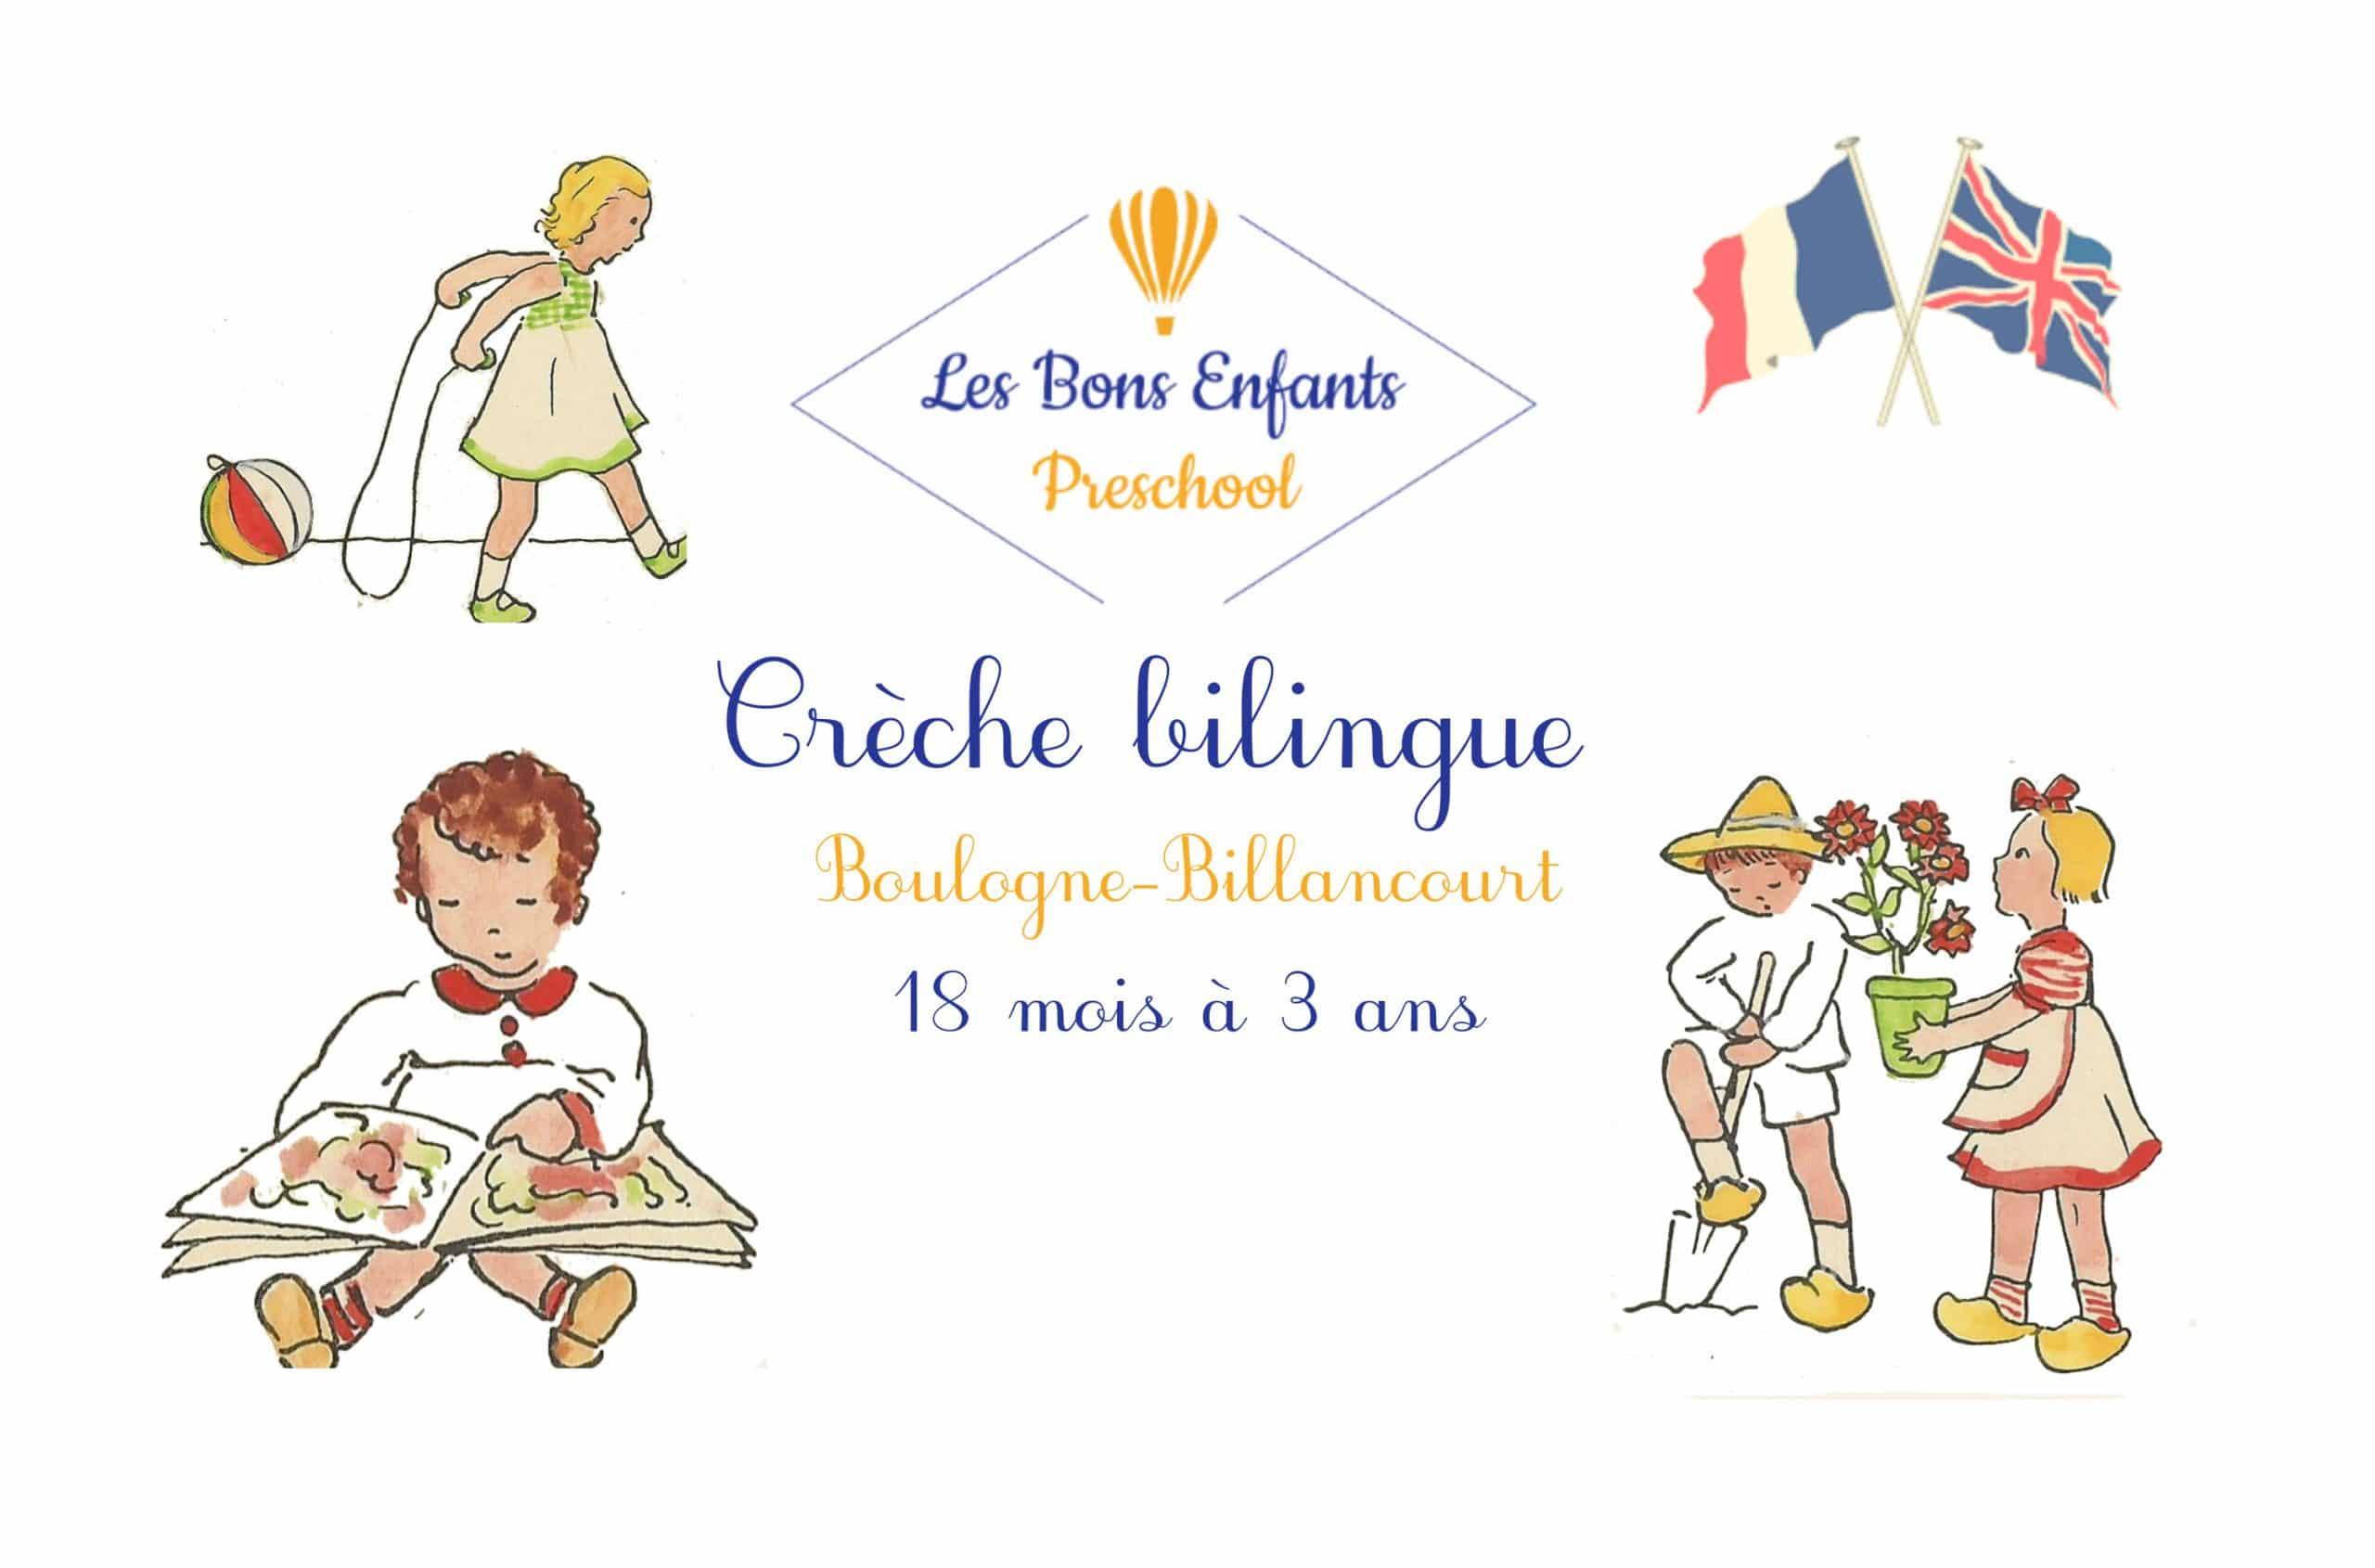 Preschool _ Les bons enfants Boulogne Billancourt